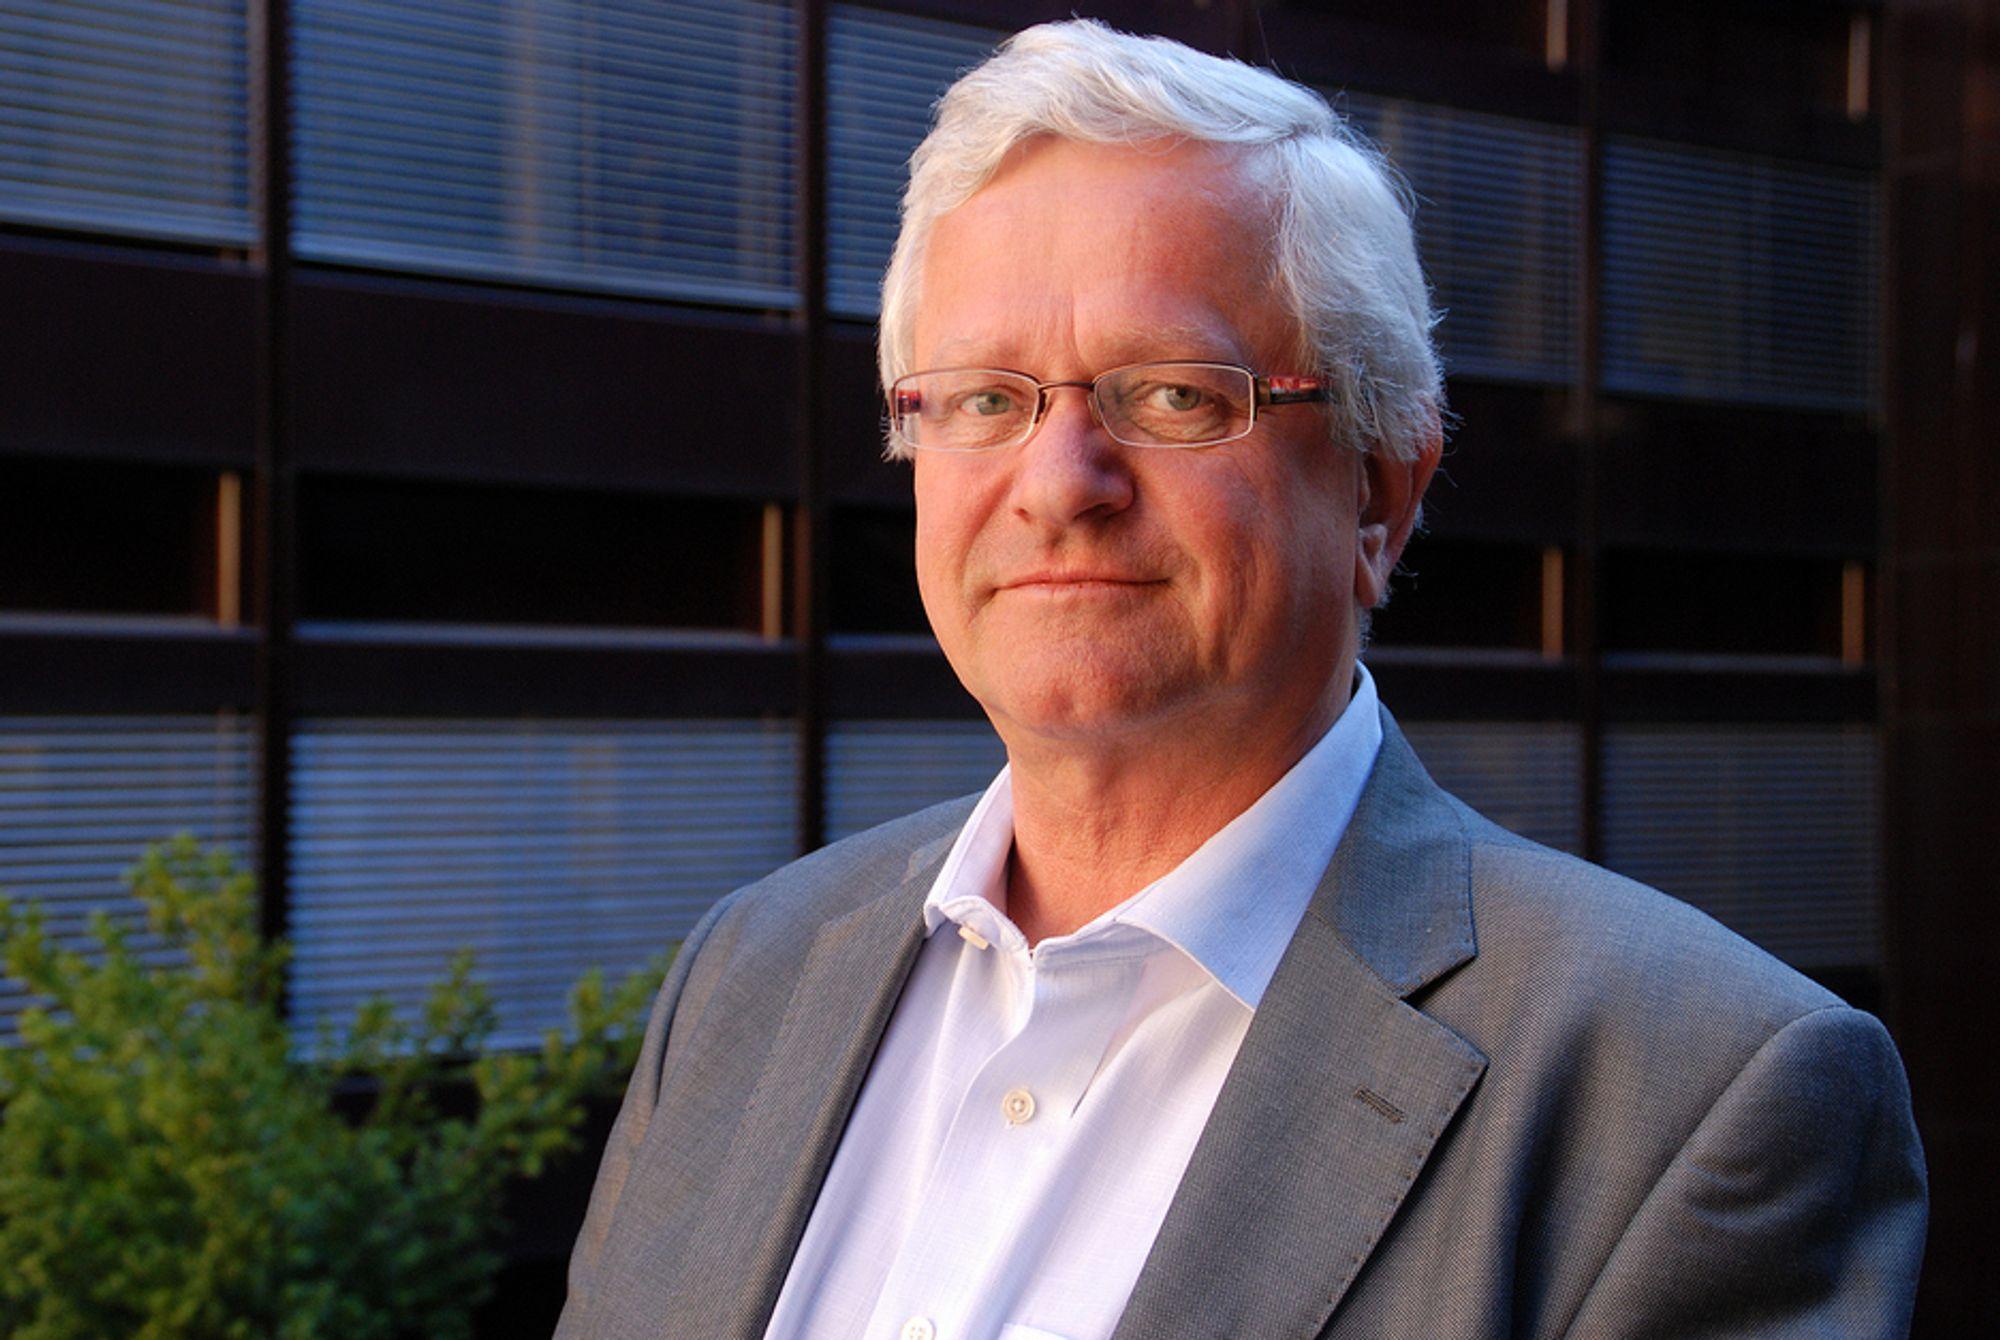 MÅ FLYTTE FOLK: BE, her ved assisterende direktør Gustav Pillgram Larsen, må flytte 22 ansatte til Gjøvik. Det har regjeringen bestemt.